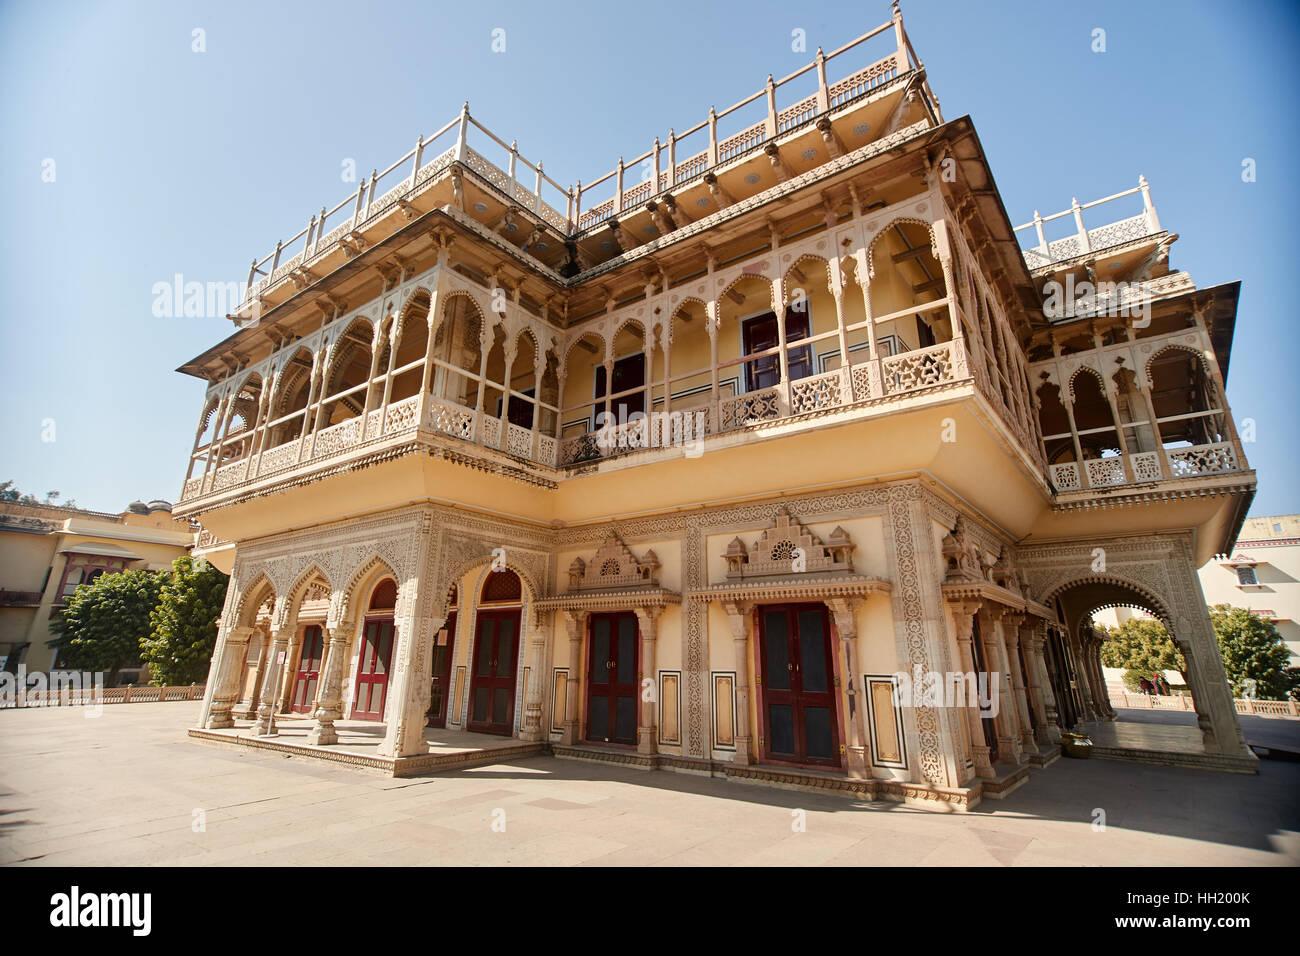 Chandra Mahal museum, City Palace at Pink City, Jaipur, Rajasthan, India. Stock Photo